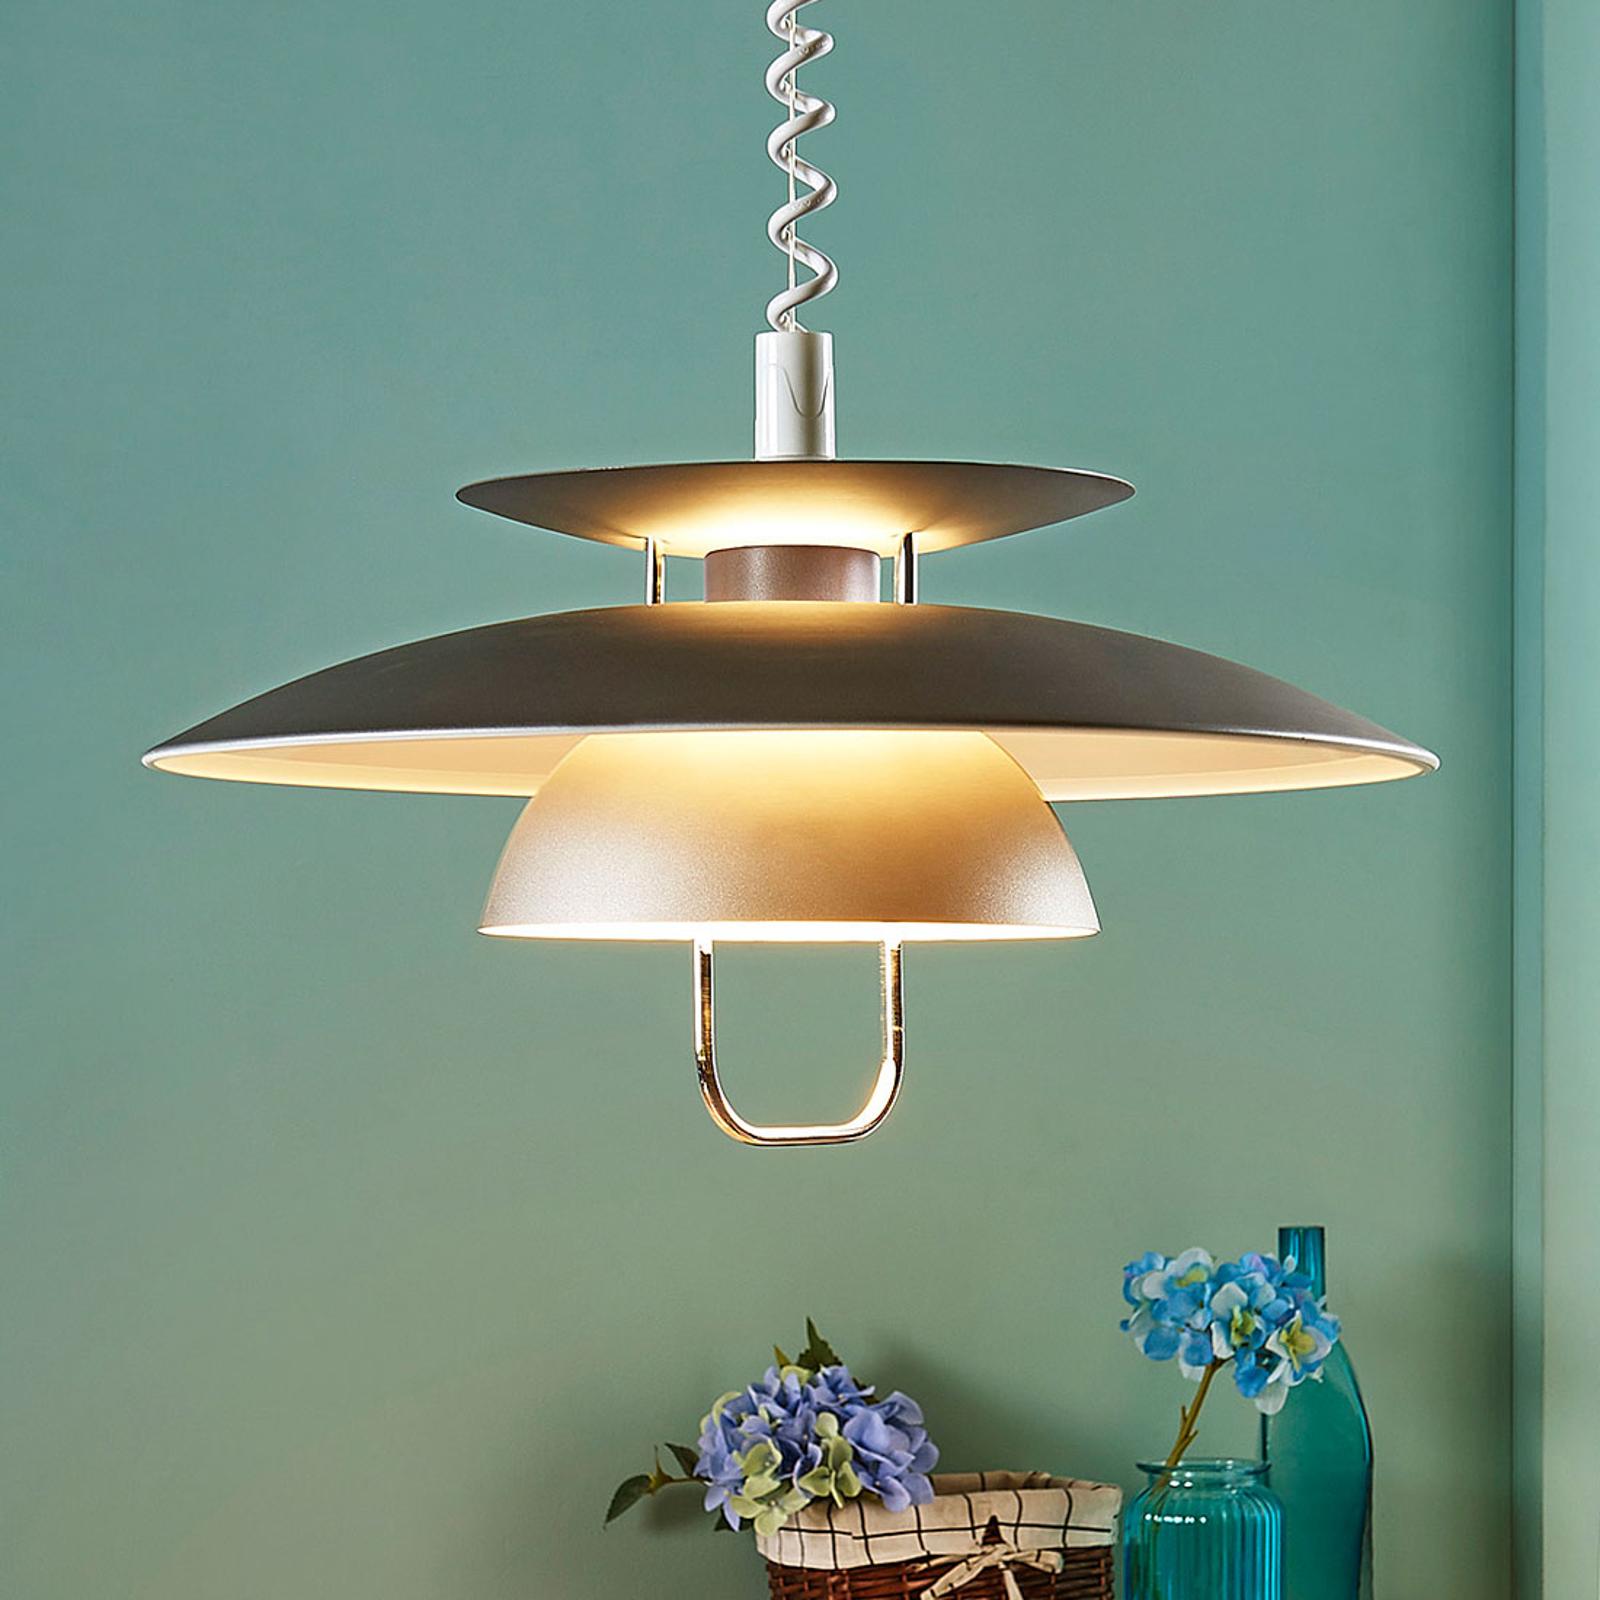 Elegant LED-pendellampe Nadija spiseplass, grå